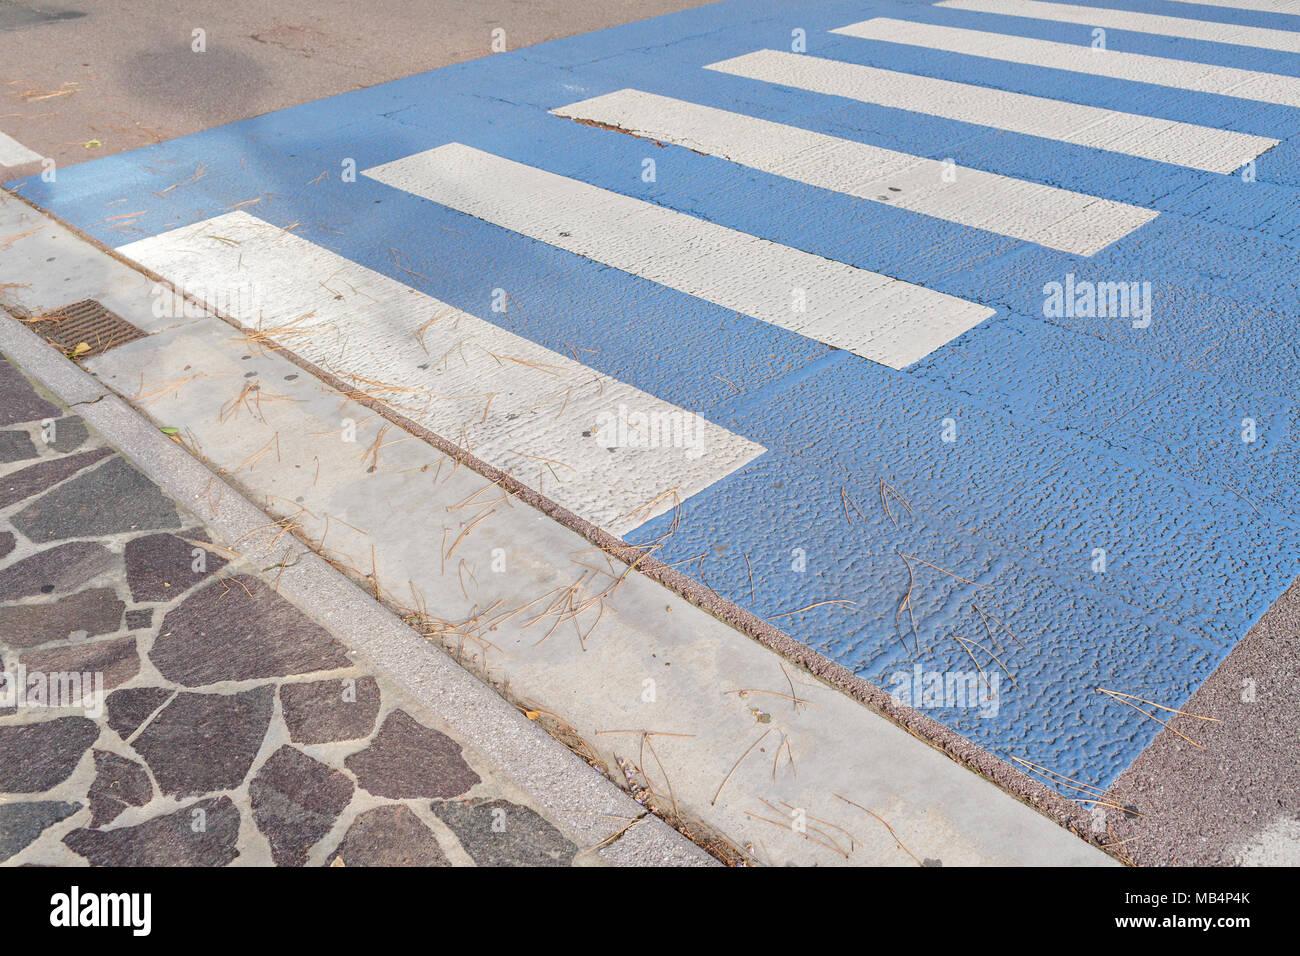 Hintergrund: Fußgängerüberweg,, die Menschen benutzen Straße sicher zu überqueren, nicht von Autos getroffen werden, Streifen in Weiß und Blau Zebra, auf dem schwarzen Asphalt gemalt, in Zentrum von Venezia, Italien Stockbild